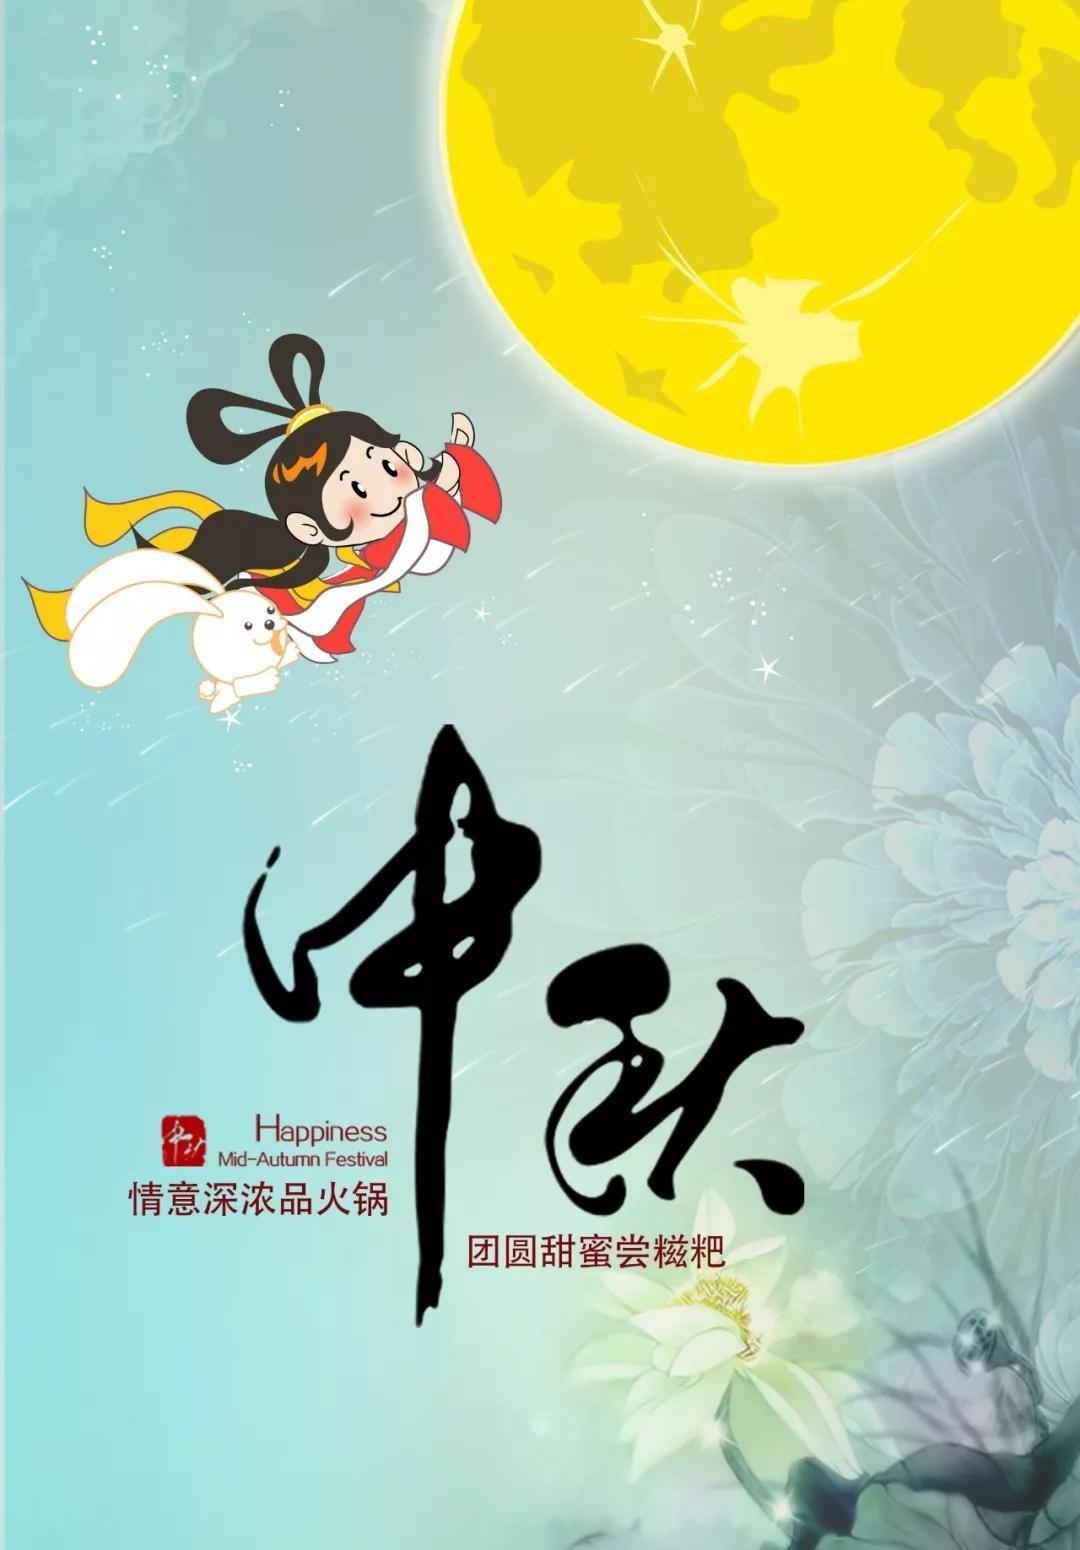 """欢度中秋丨重庆黄家码头火锅伴您度过一个""""麻辣""""假期!"""